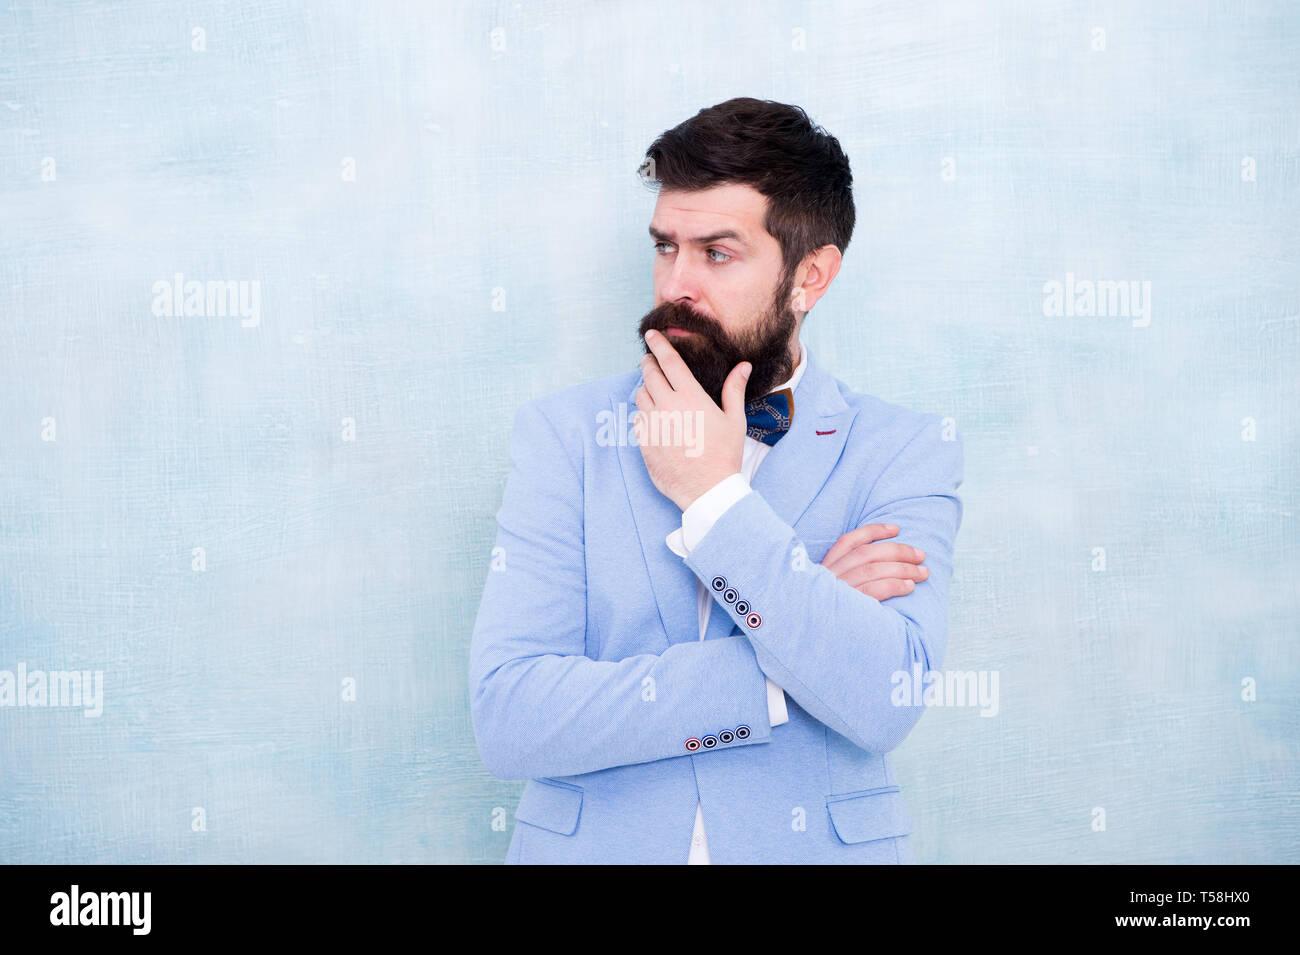 Suggerimenti per sposi. Come battere i nervi sul giorno di nozze. Uomo Barbuto hipster abito formale con il filtro bow tie. Moda nuziale. Stile formale abito perfetto. Sposo impeccabile. Suggerimenti per affrontare pre wedding l'ansia. Immagini Stock